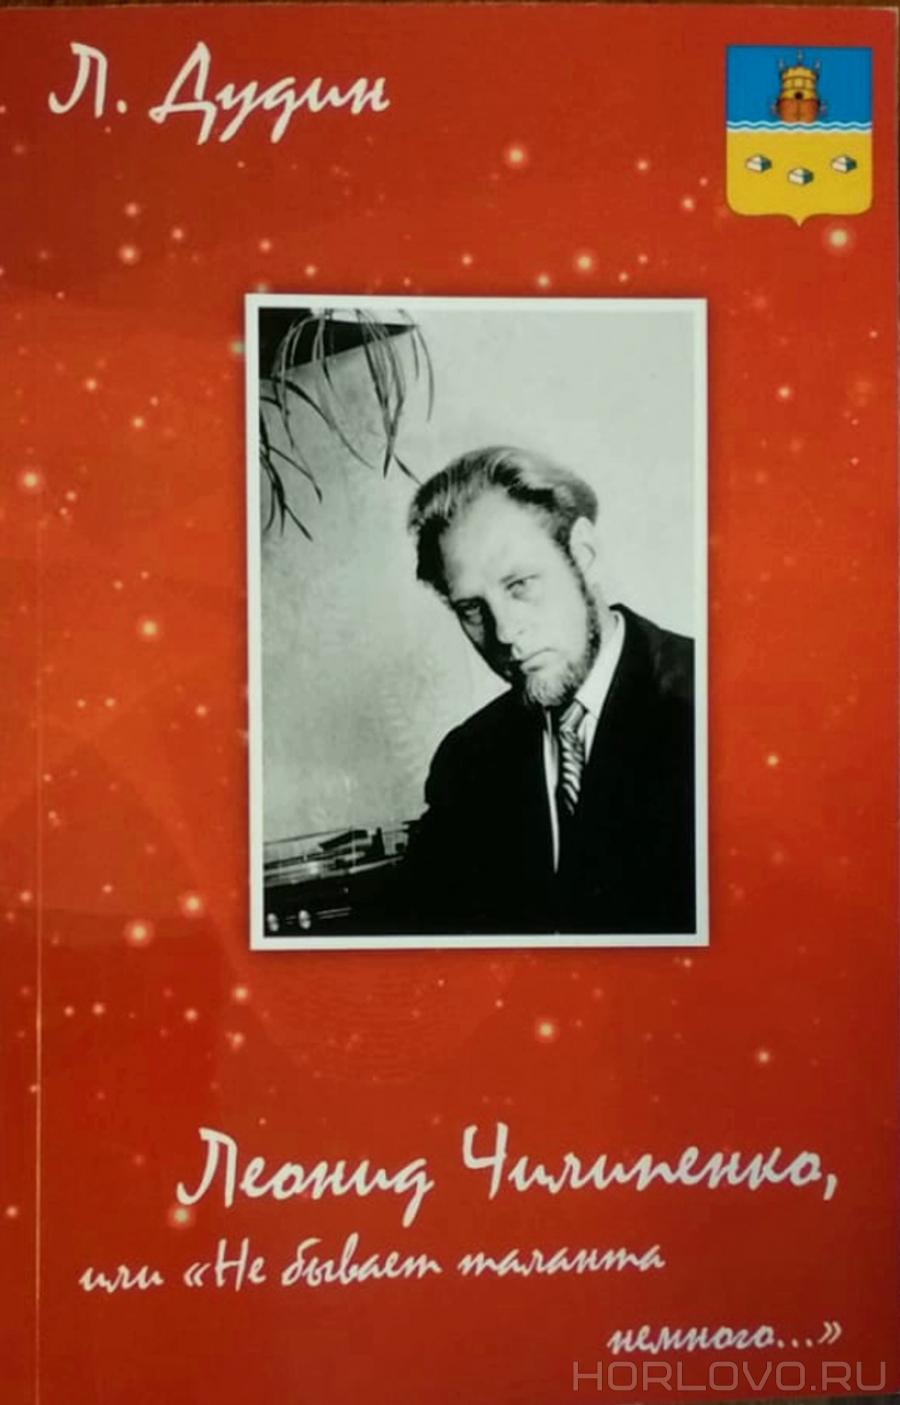 Книга Леонида Дудина «Леонид Чилипенко, или «Не бывает таланта немного…»